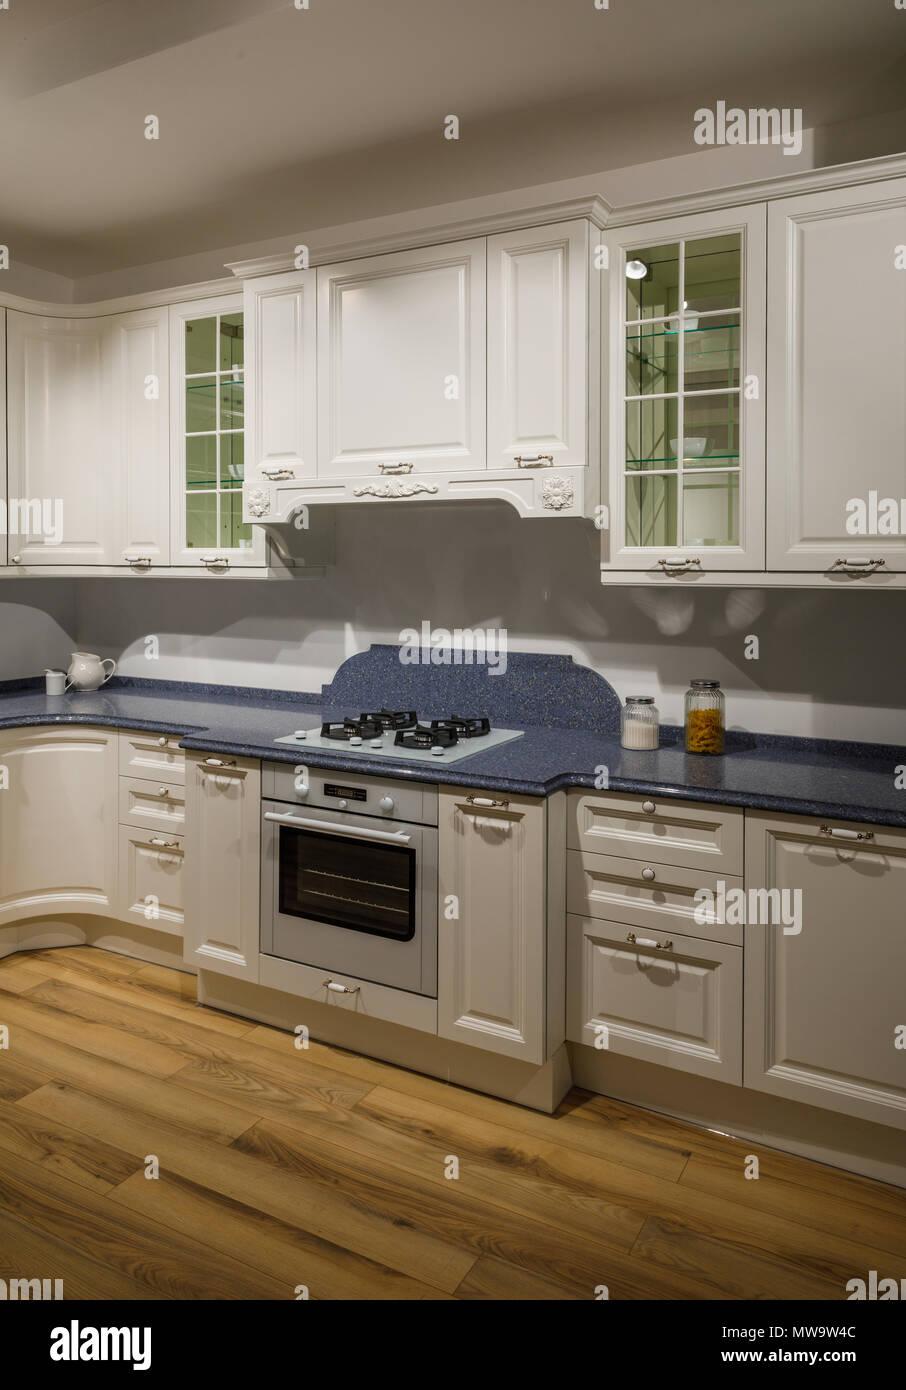 Wunderbar Innenraum Der Modernen Küche Mit Weißen Schränke Stockbild